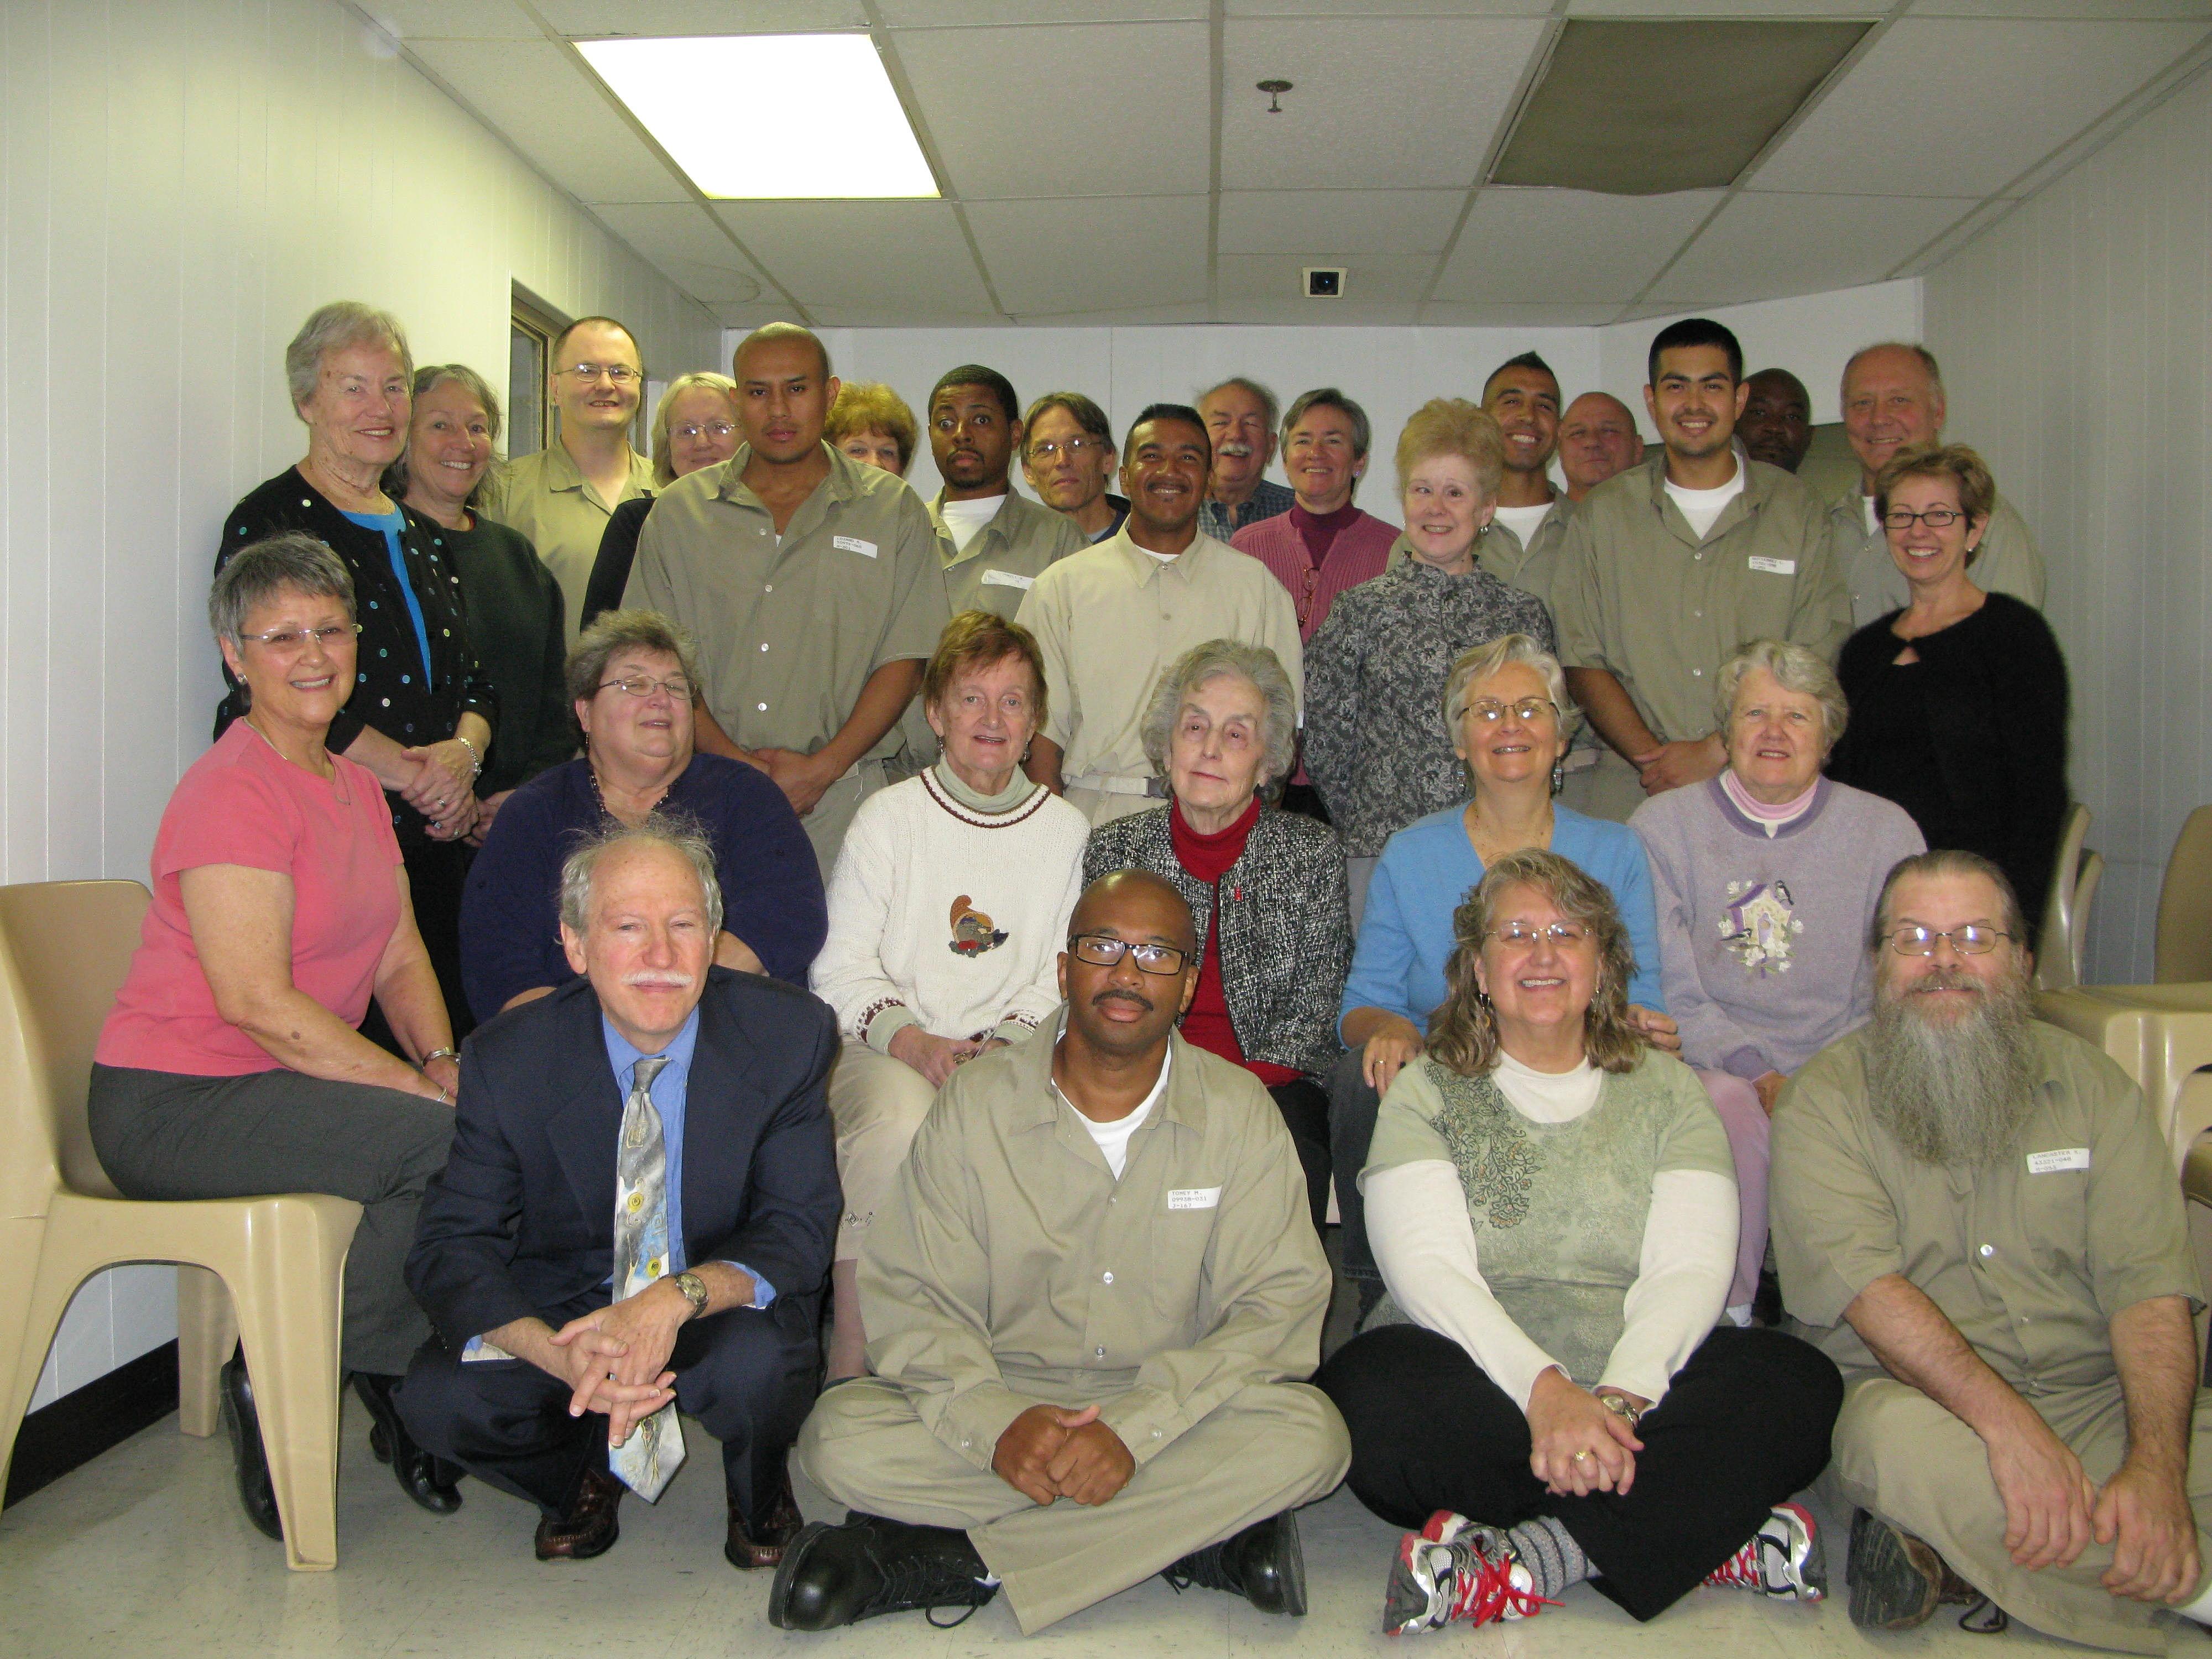 prisoner ation and support 2011 conference usp leavenworth ks